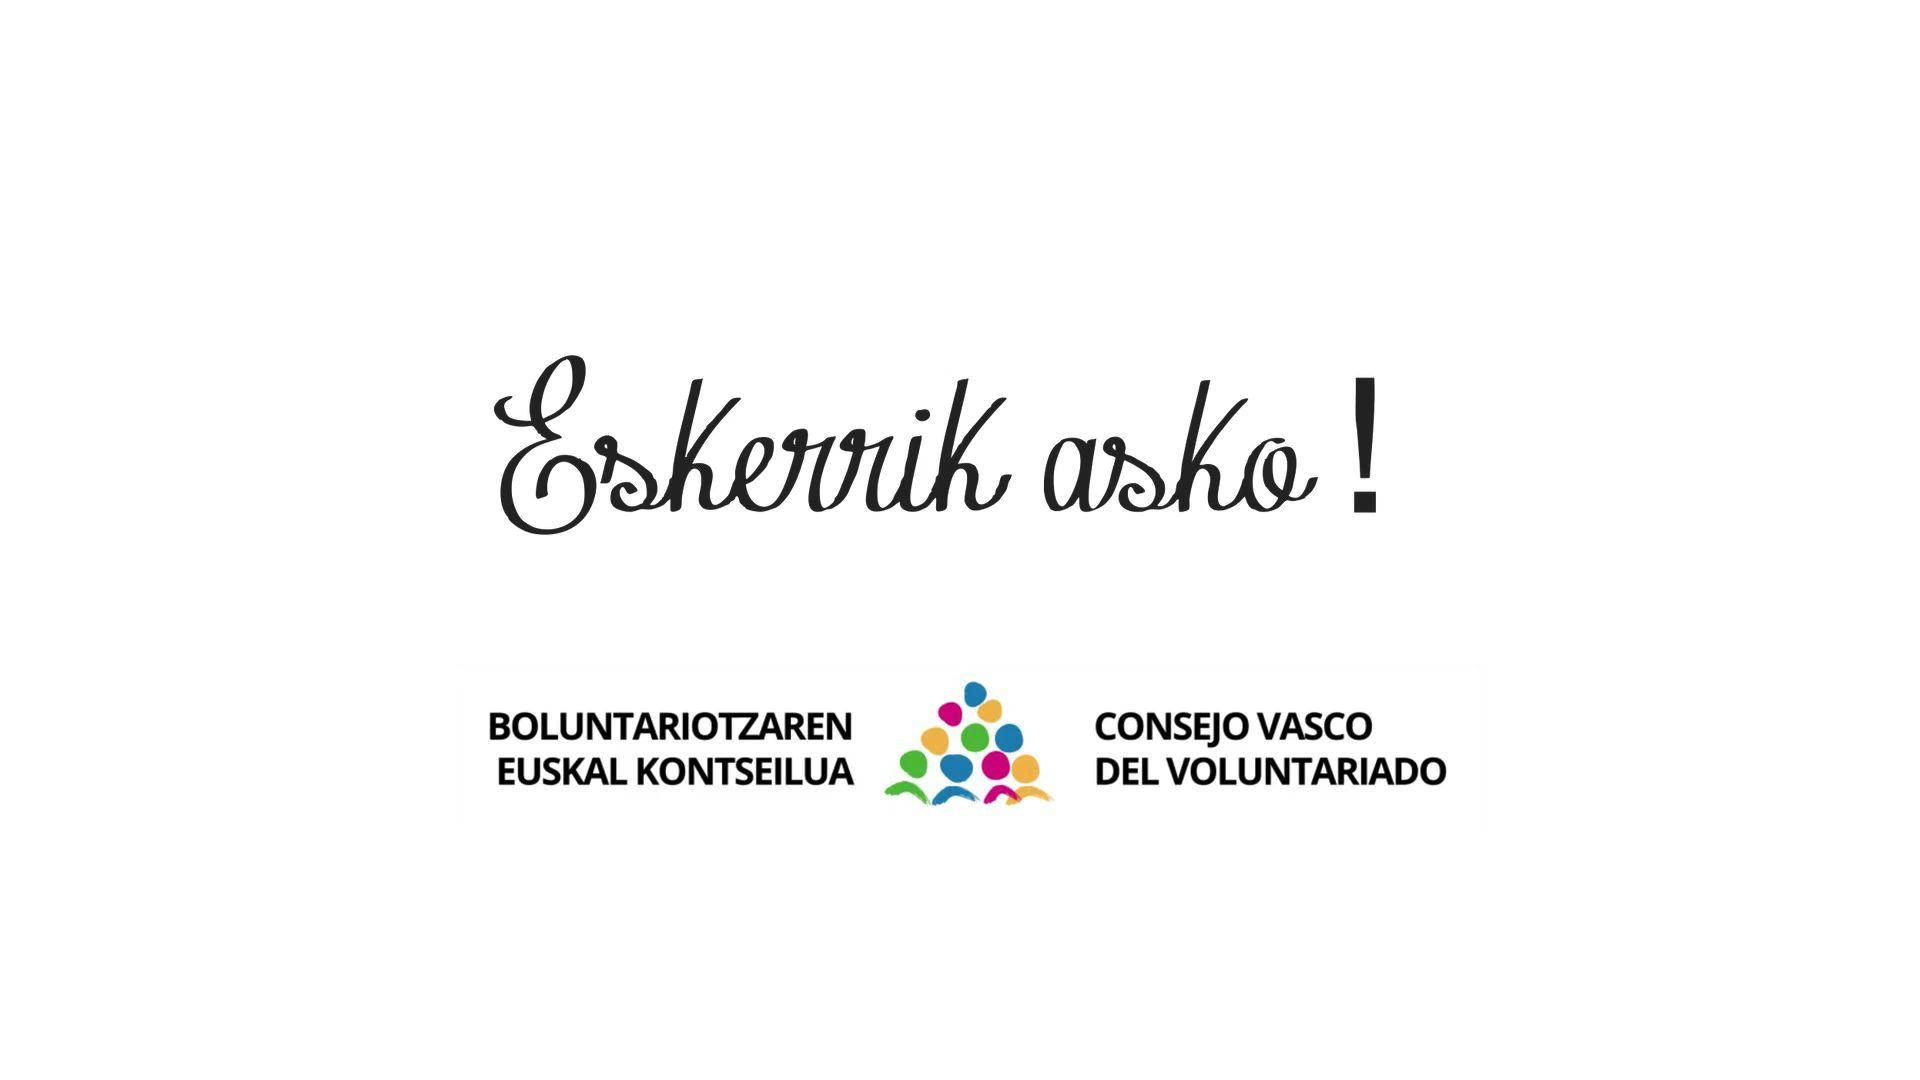 El lehendakari preside el acto de reconocimiento a personas ligadas al voluntariado en Euskadi